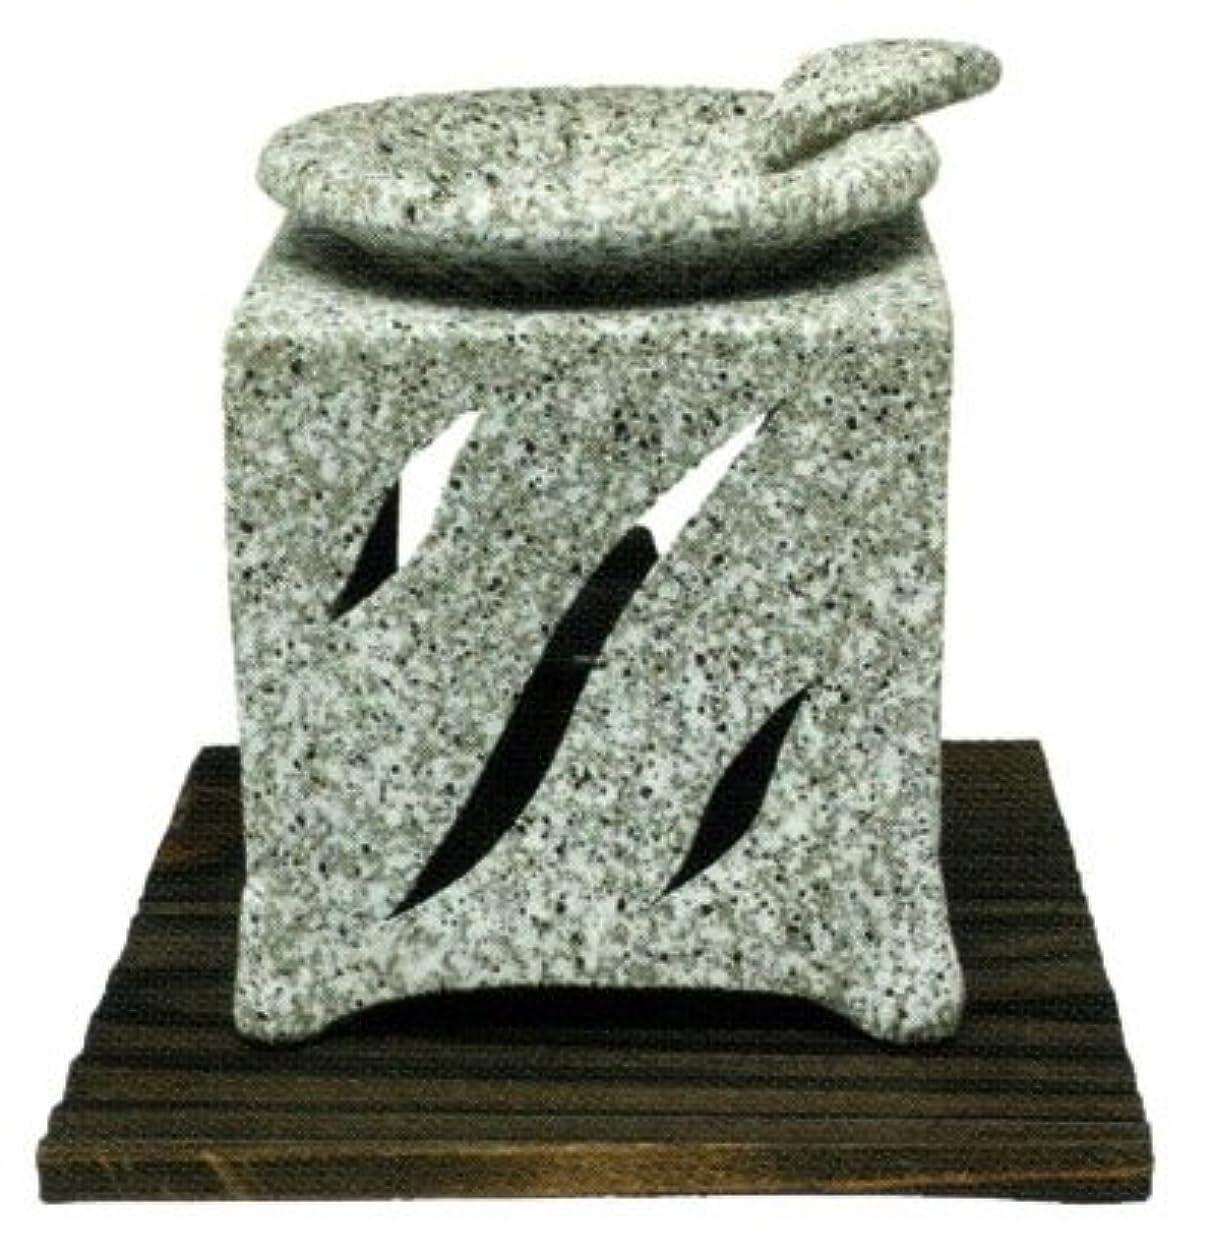 とらえどころのない課税たるみ常滑焼?山房窯 カ40-06 茶香炉 杉板付 約10.5×10.5×12.5cm